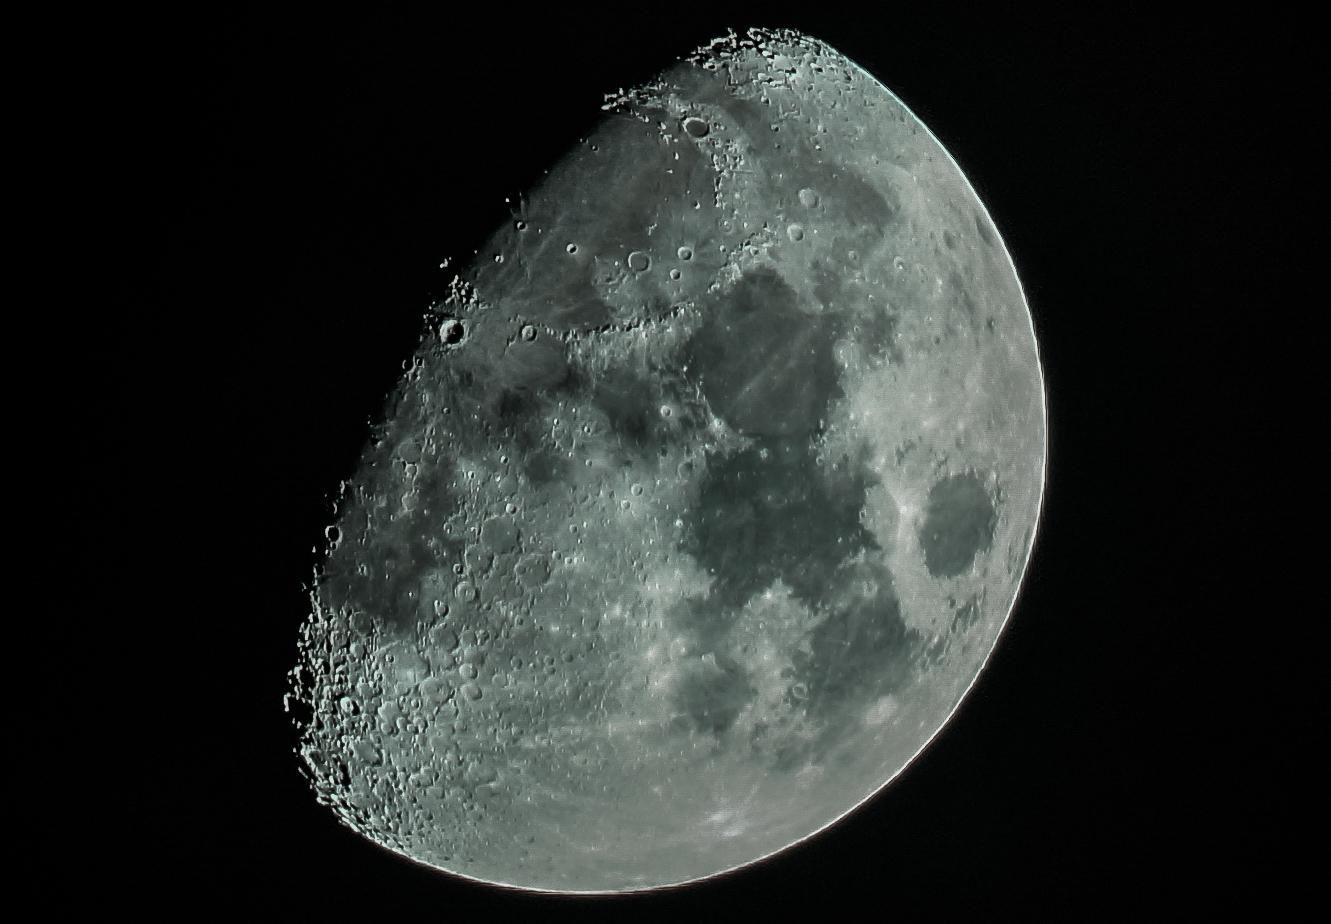 Mond vom 10.03.2014 nachbearbeitet